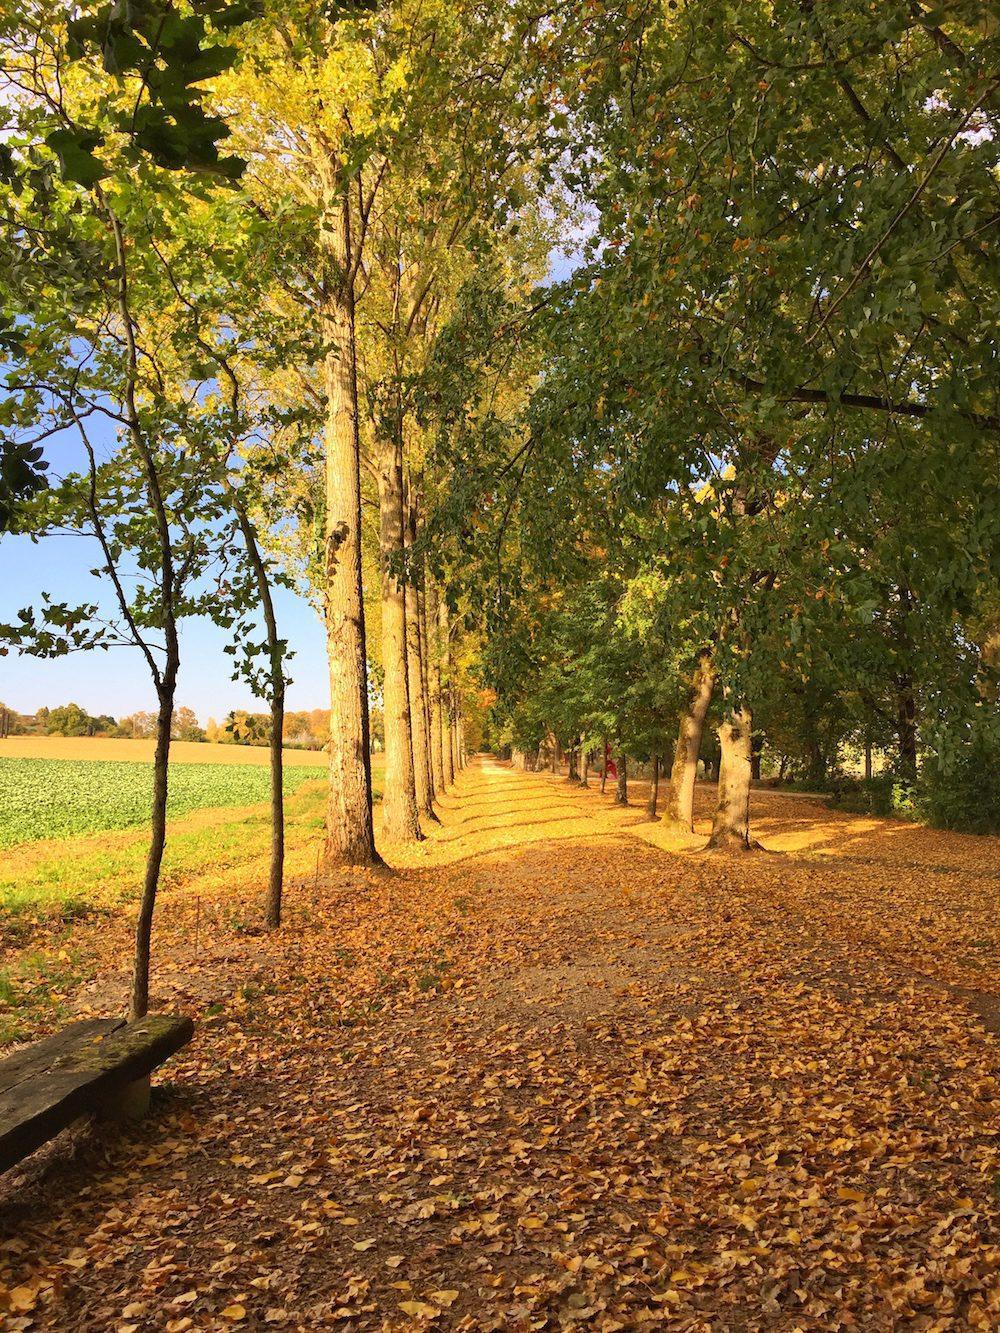 L'allée cavalière aux couleurs d'automne.